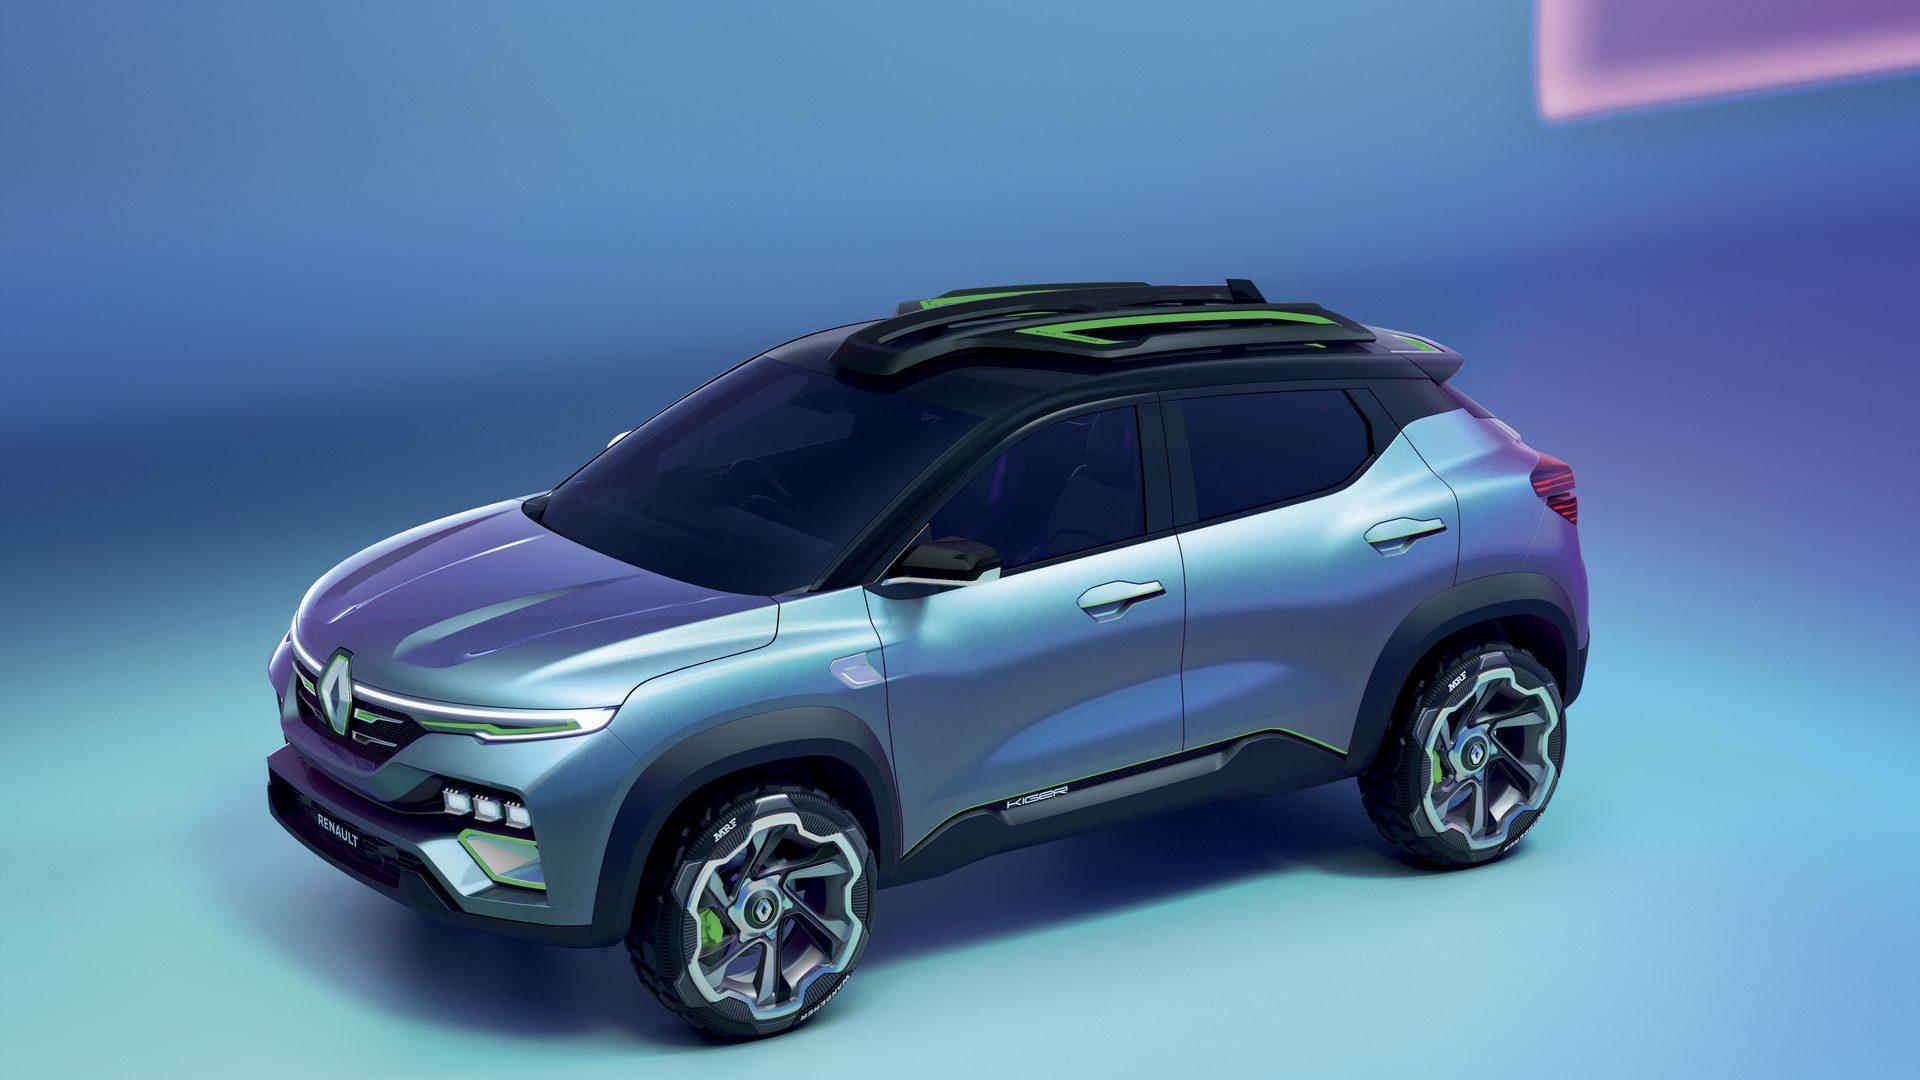 2020-Renault-Kiger-Concept-07